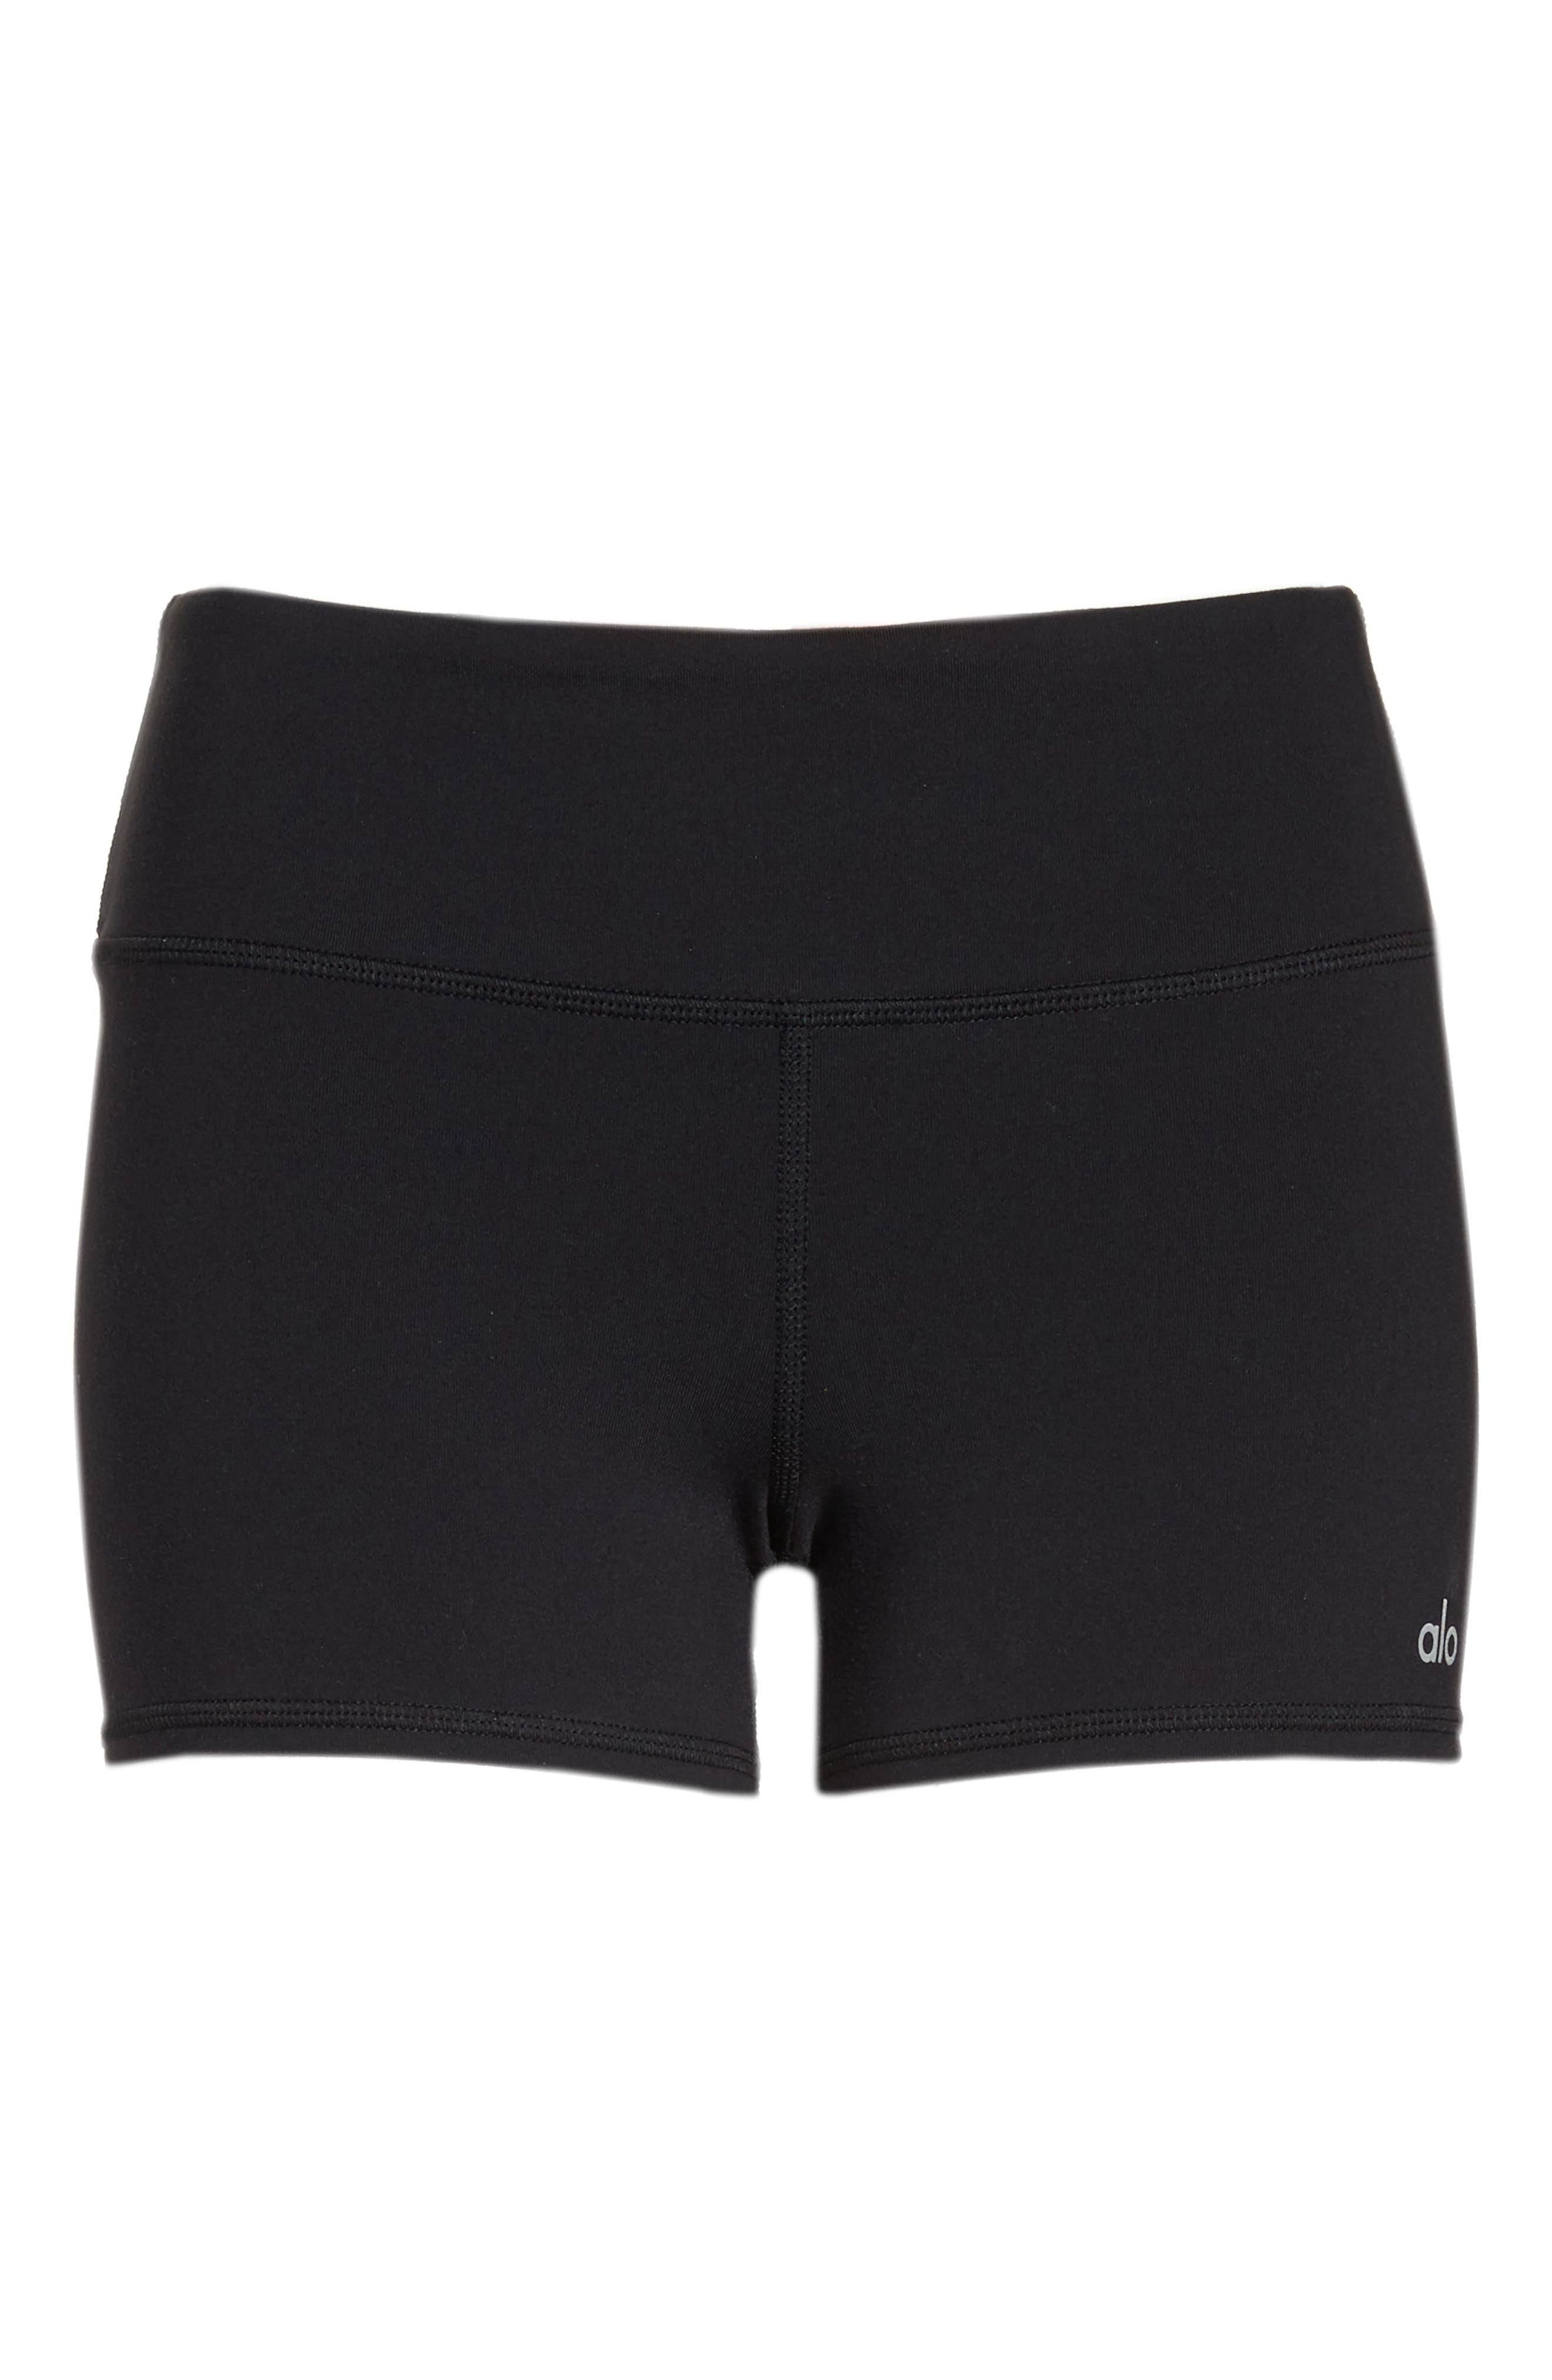 Airbrush Shorts,                             Alternate thumbnail 7, color,                             BLACK